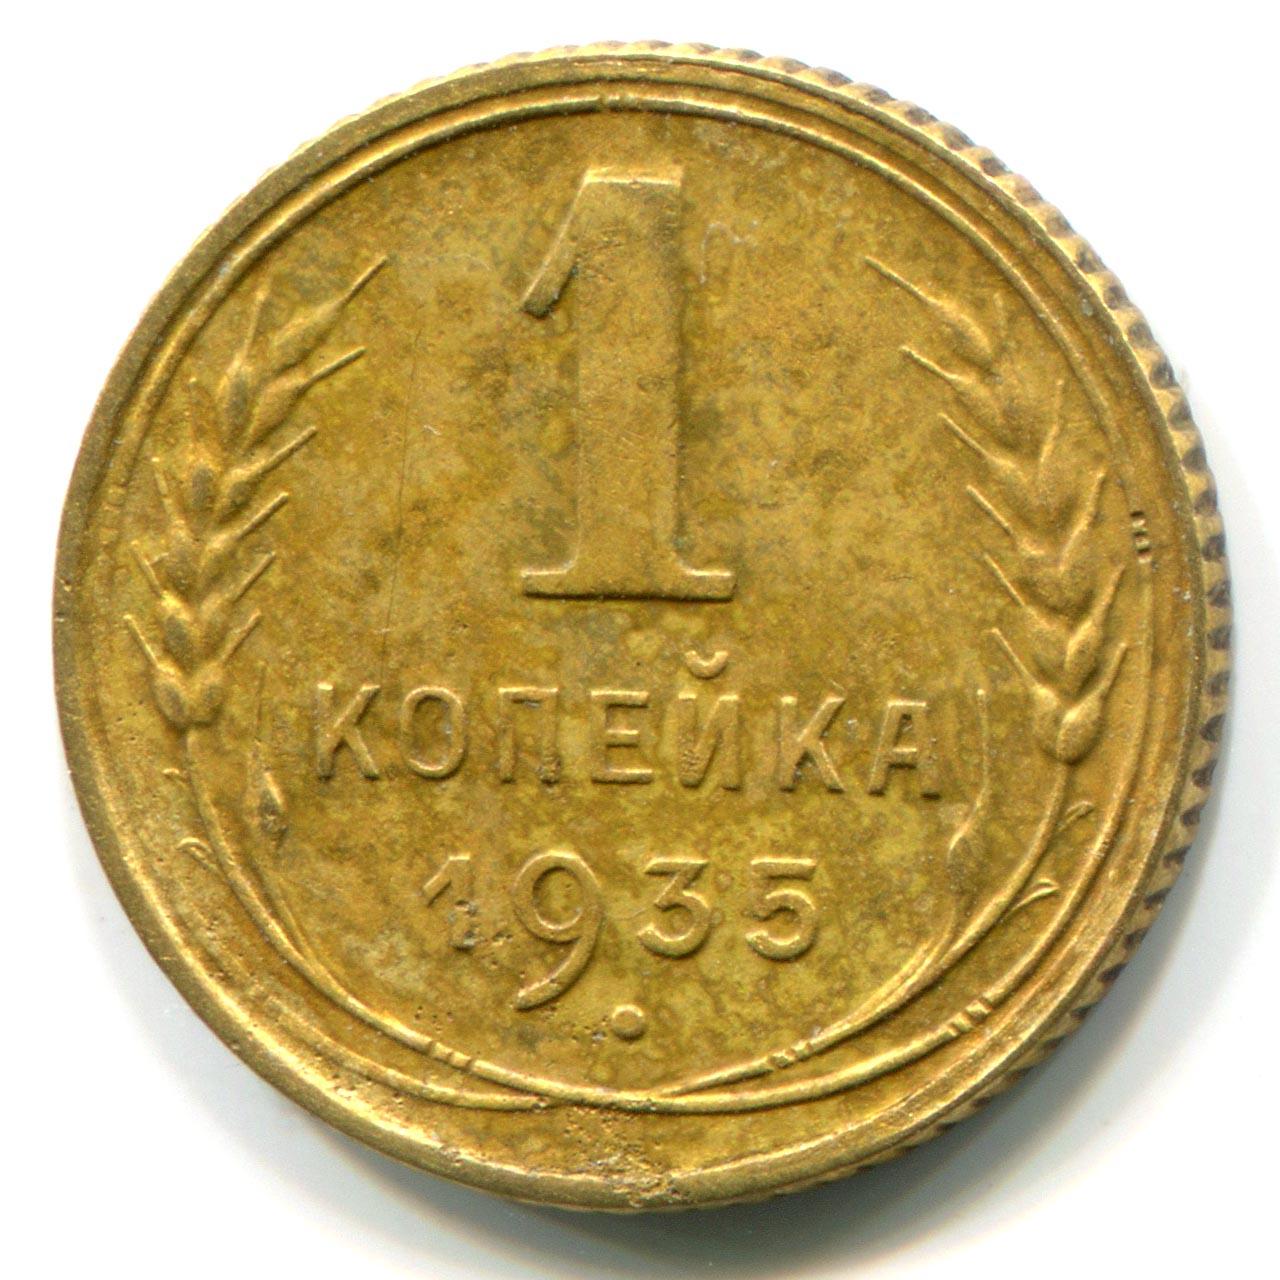 1 копейка 1935 года старого образца цена монеты ссср 1953 стоимость